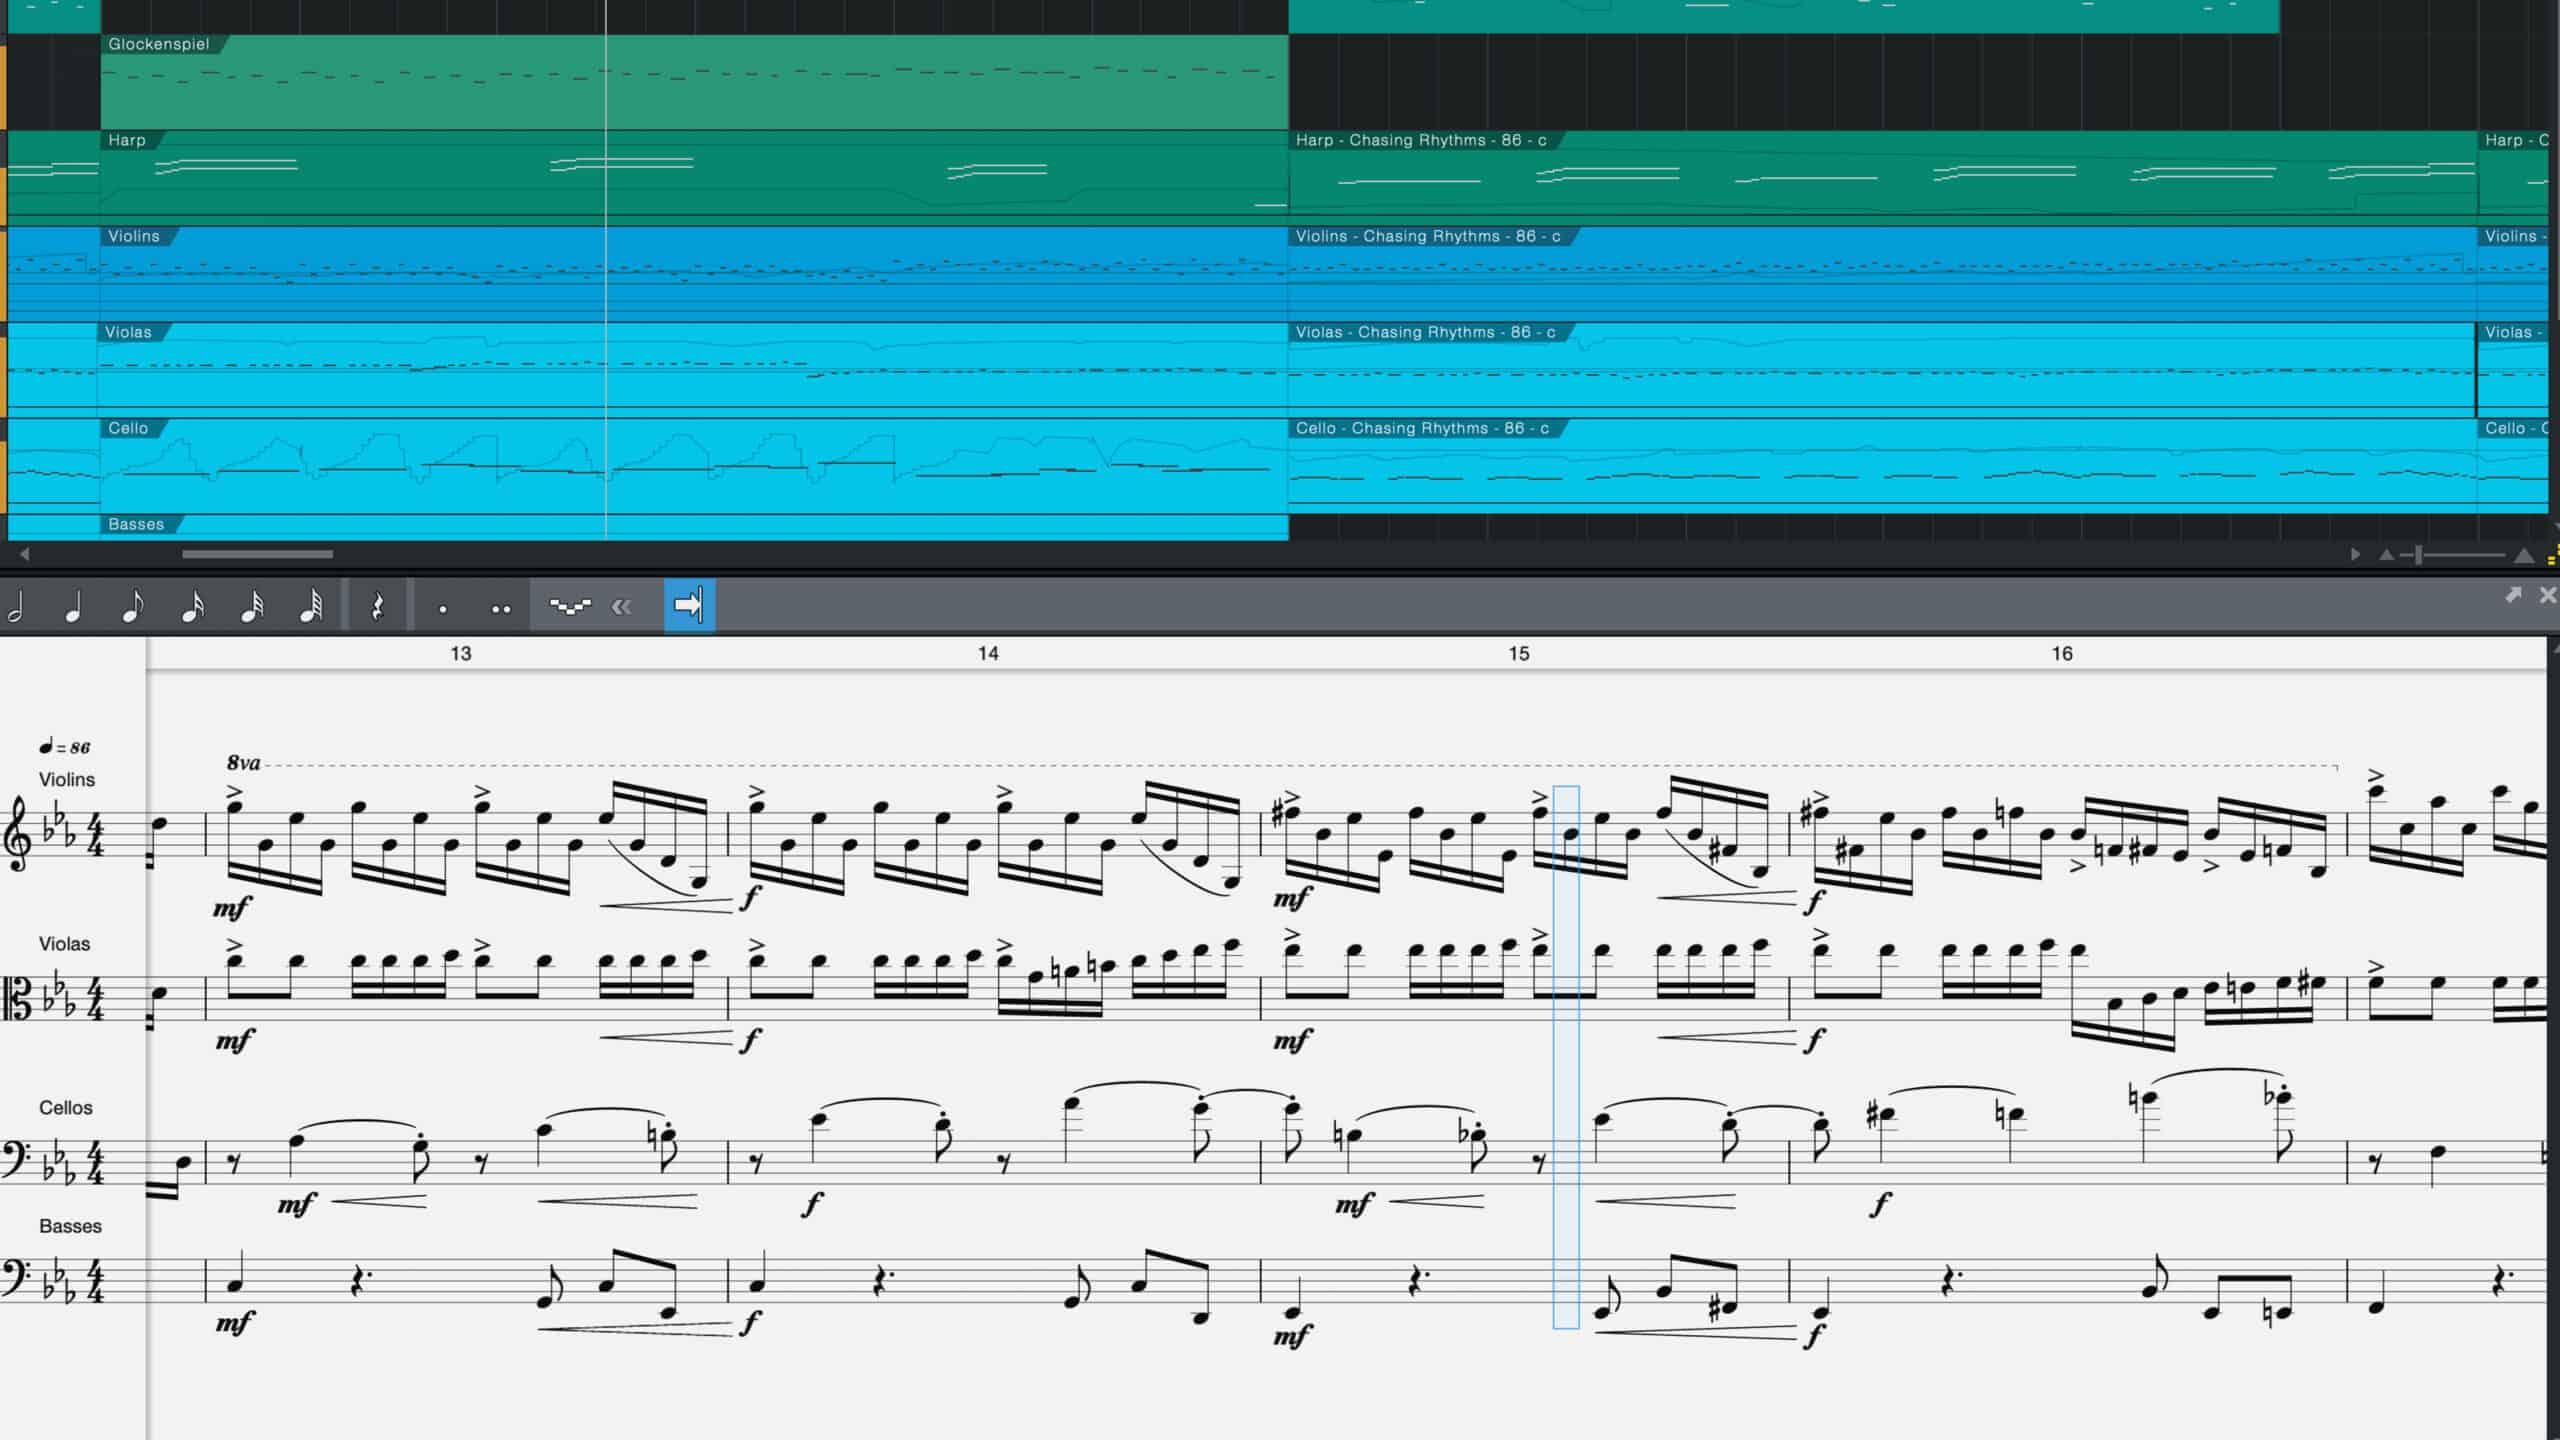 Presonus_Studio_One_5_Score_Editor